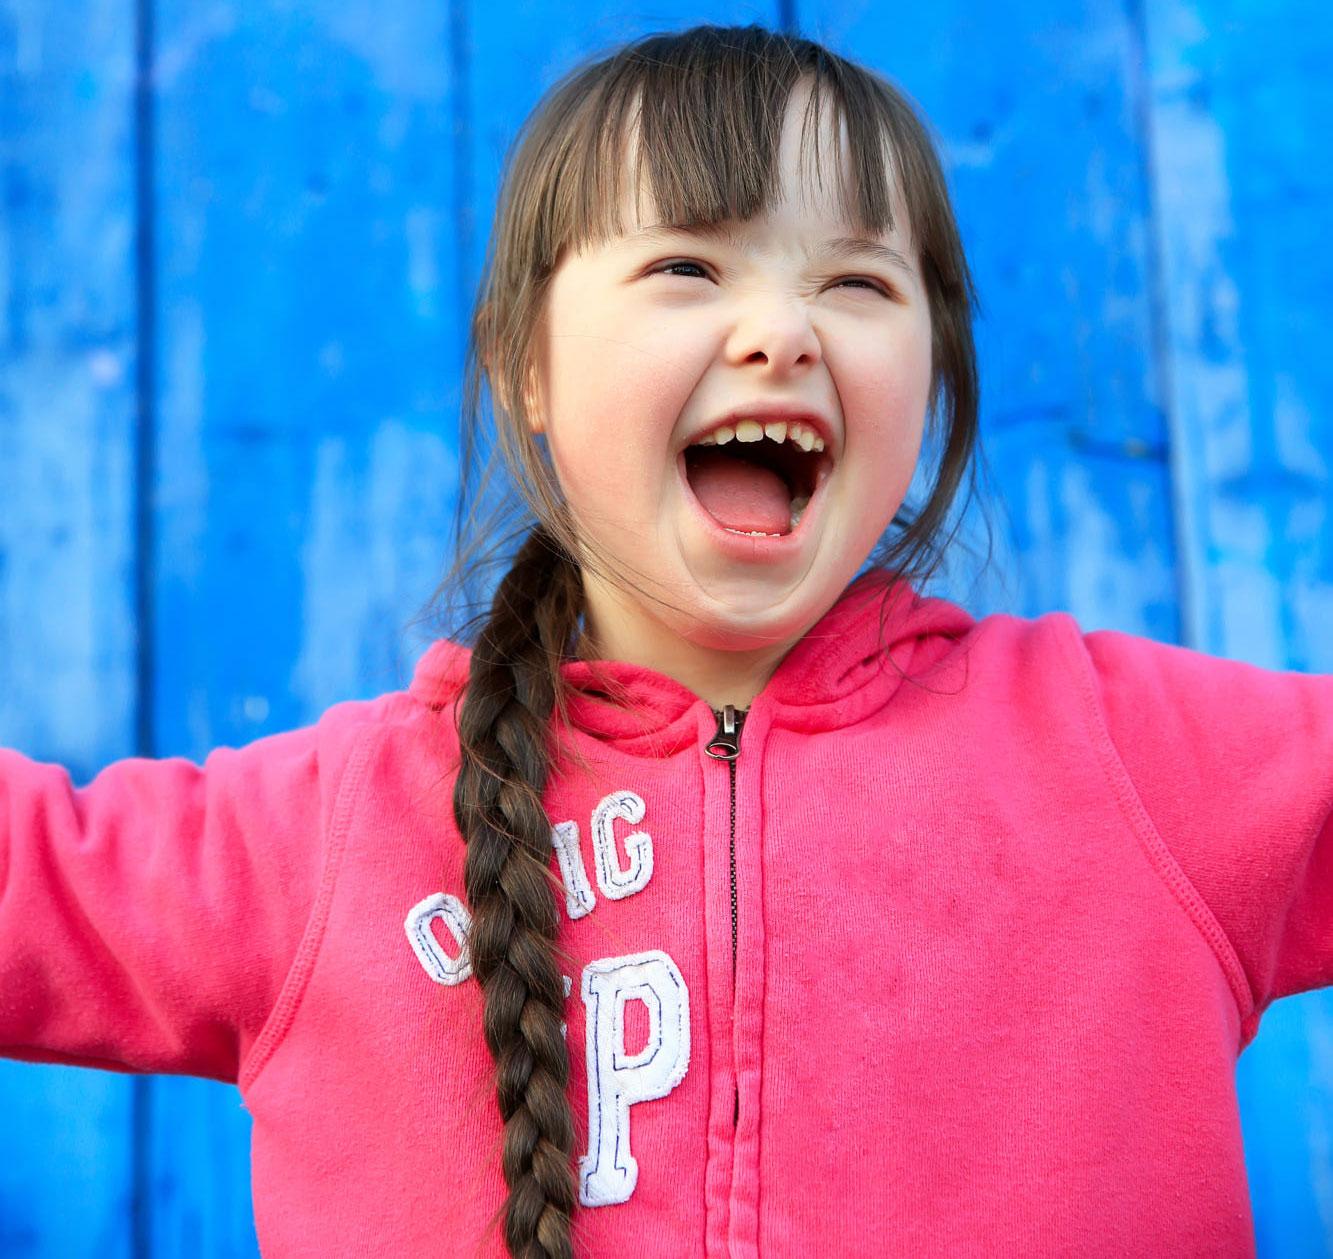 Otizmli çocuklarda olası belirtiler